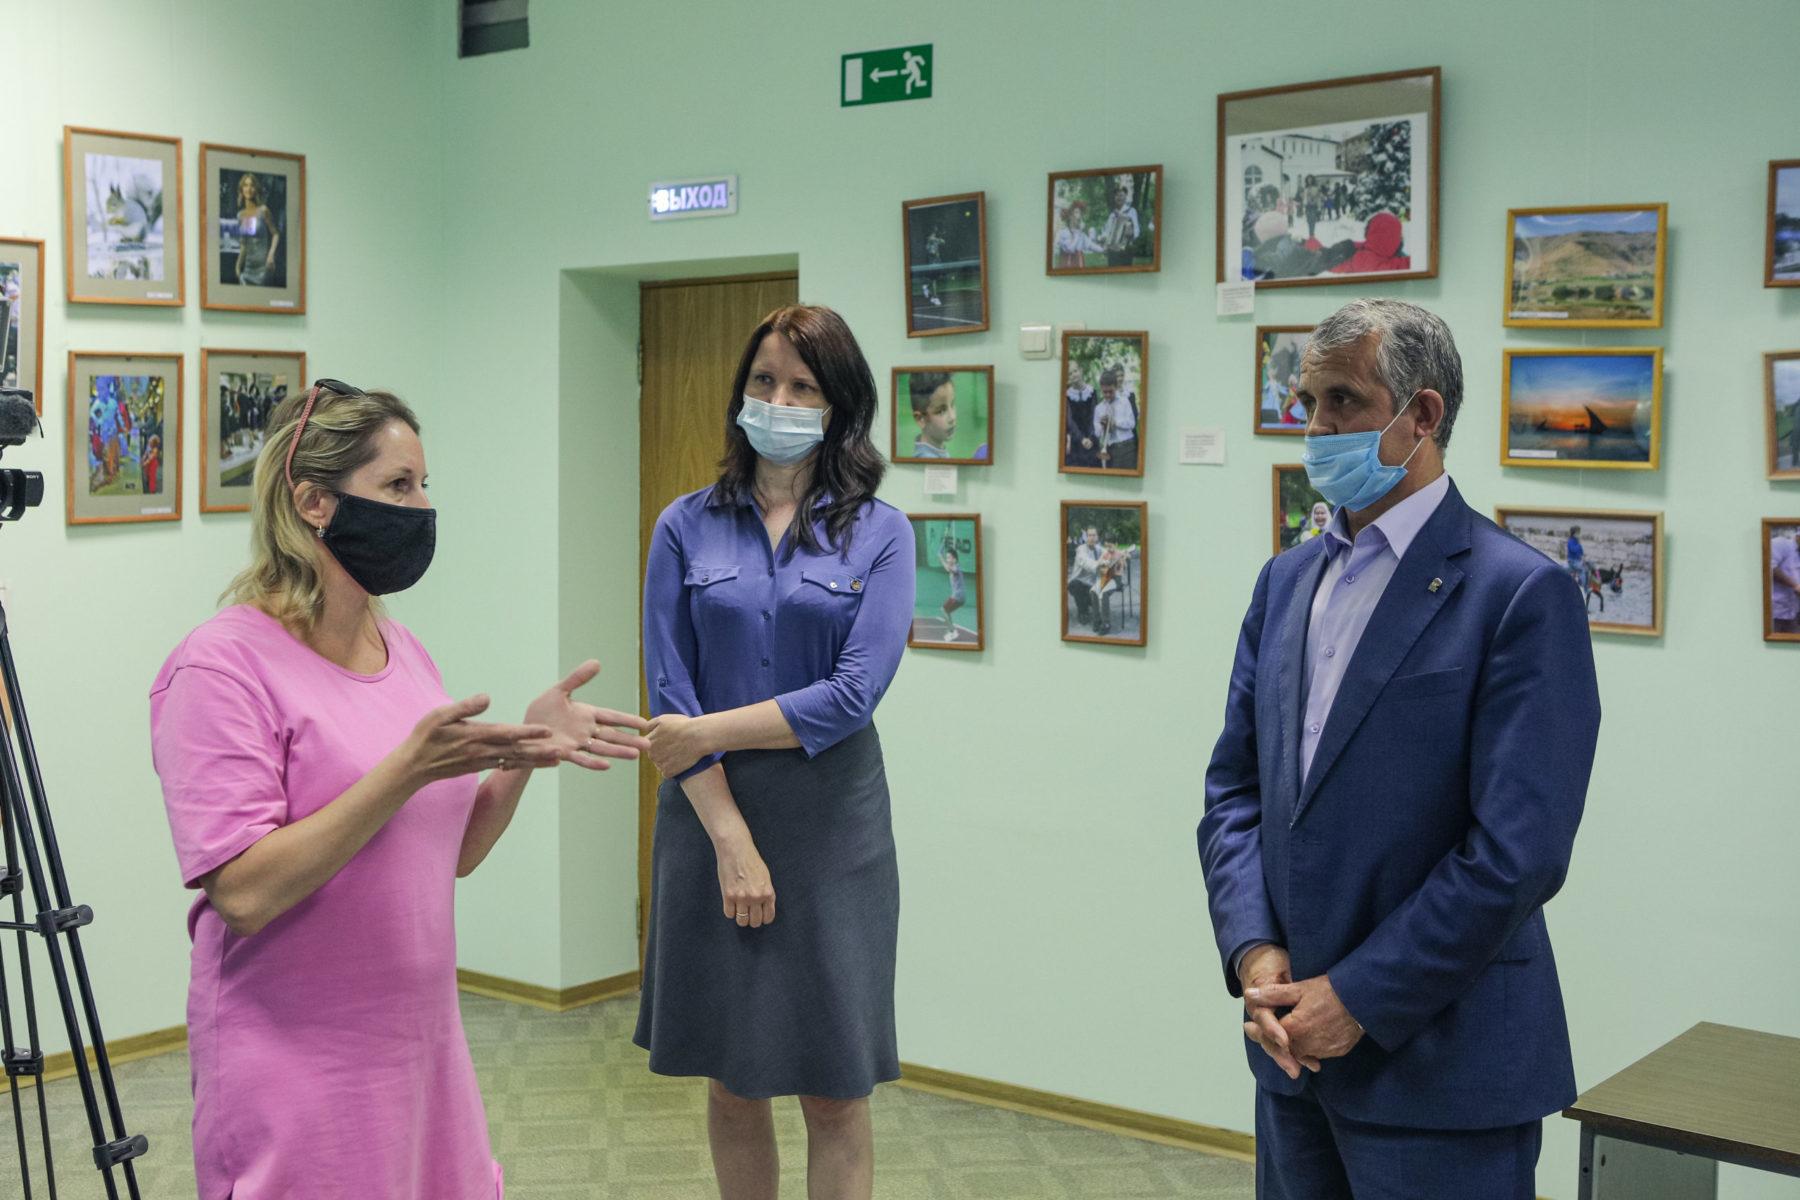 Владимир Шапкин встретился с коллективом центра поддержки материнства и детства Балашихи